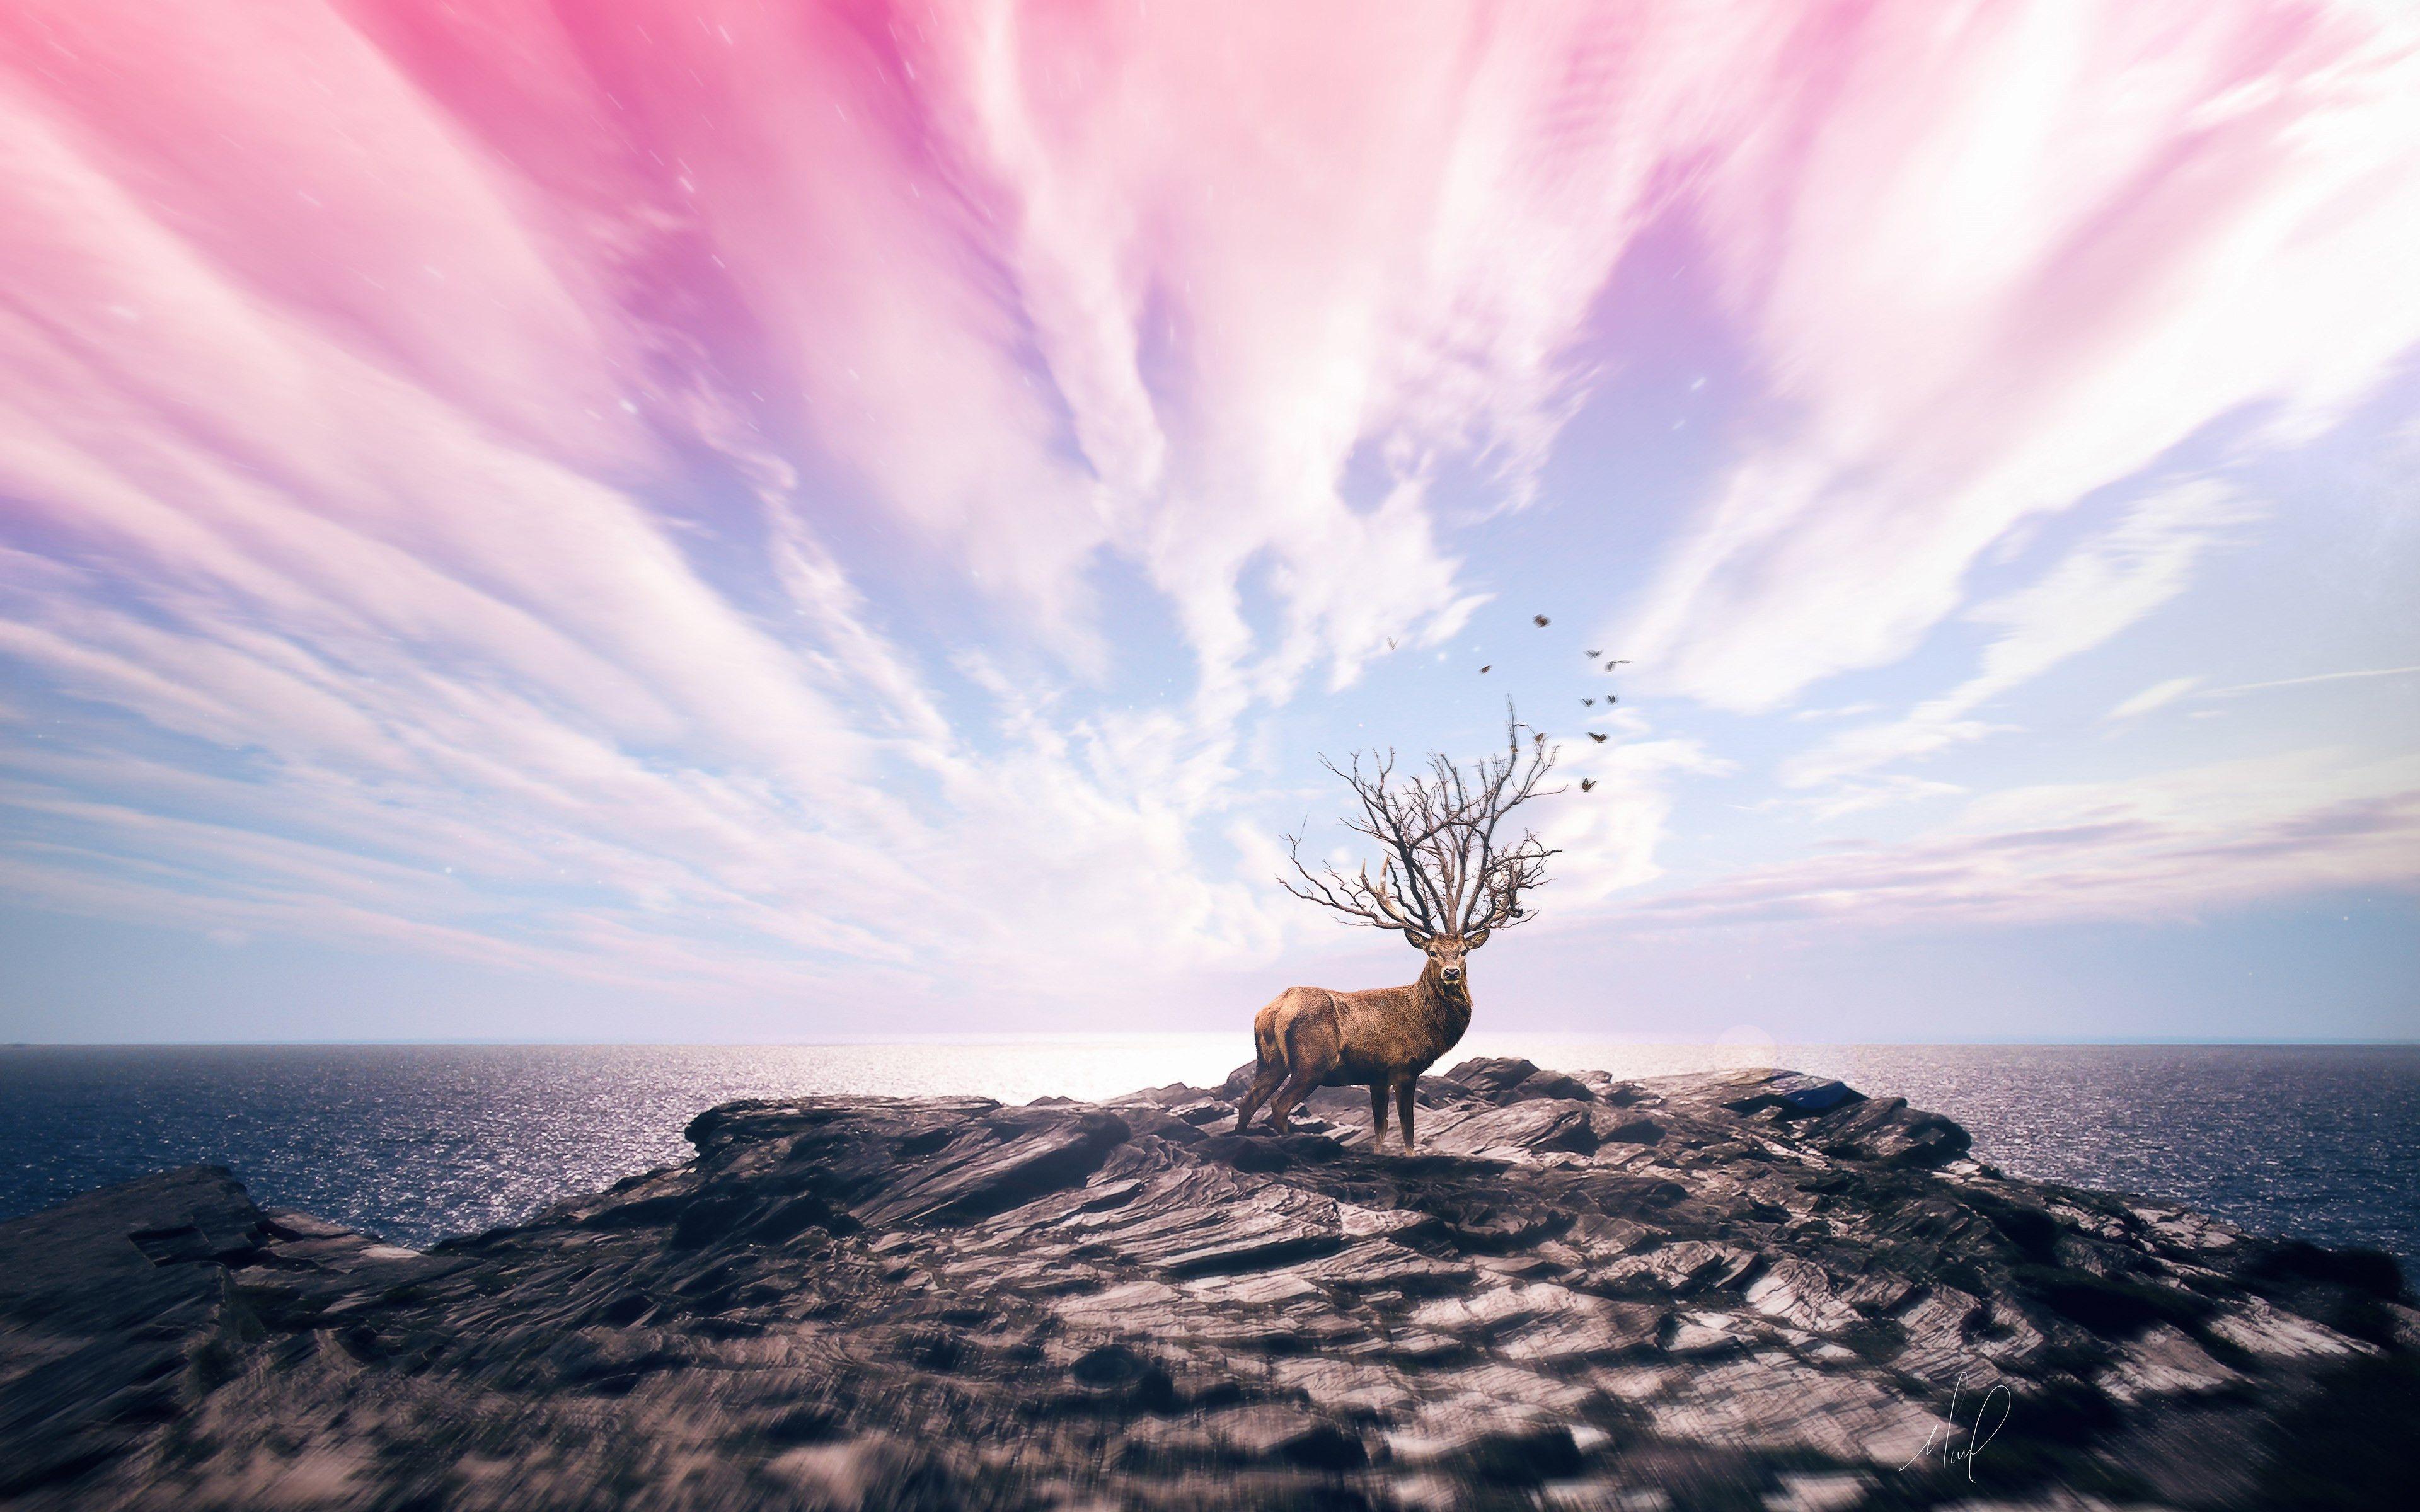 Digital Art With Deer Tree Bran Antler 3840x2160 Hd Hd Wallpaper Digital Art Wallpaper